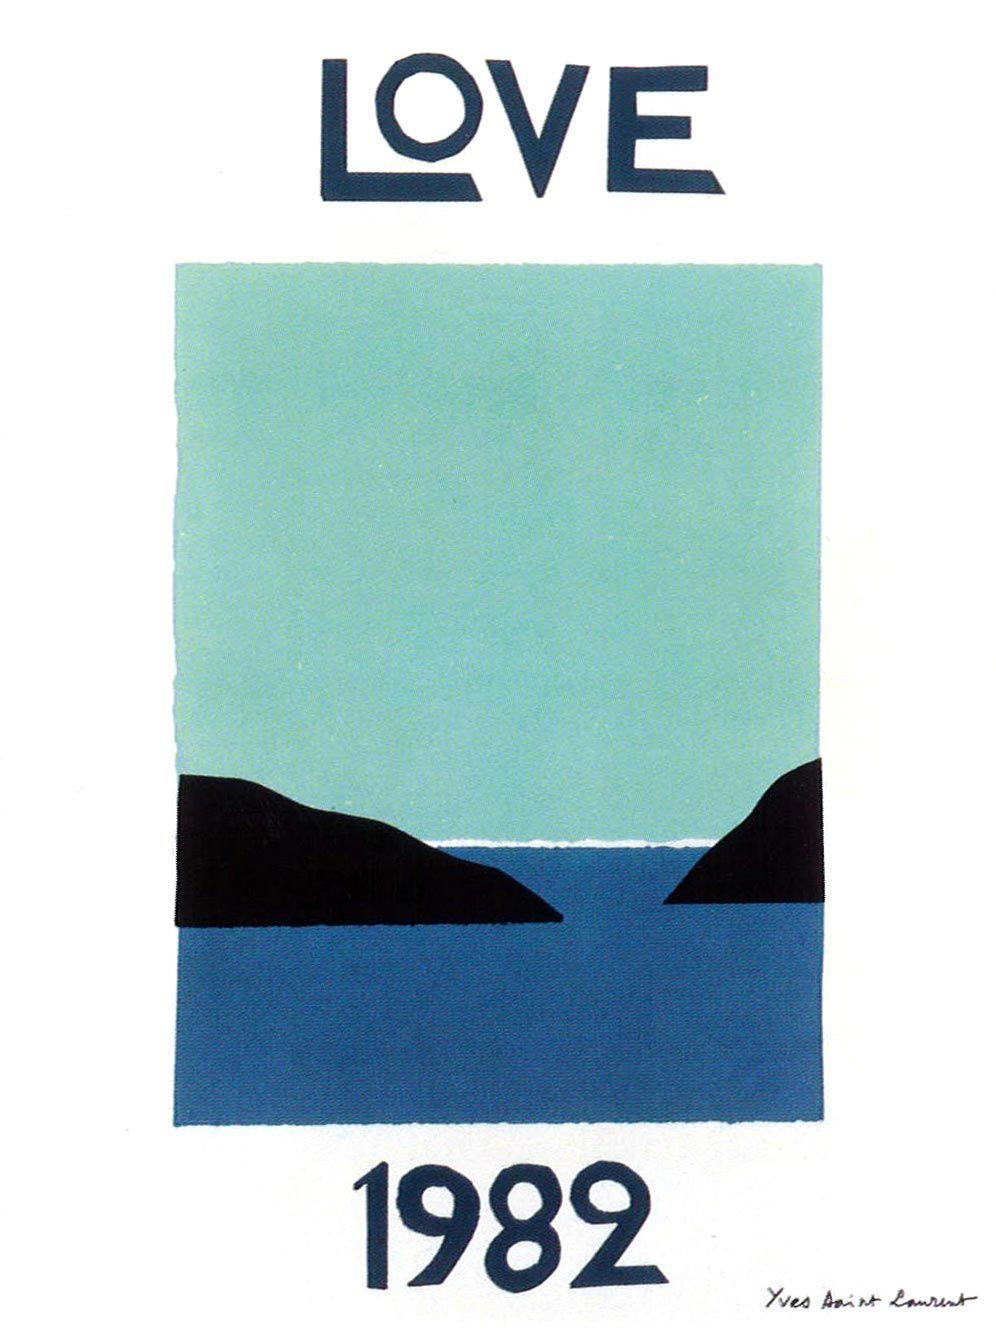 Love Affiche Yves Saint Laurent Graphisme Et Graphic